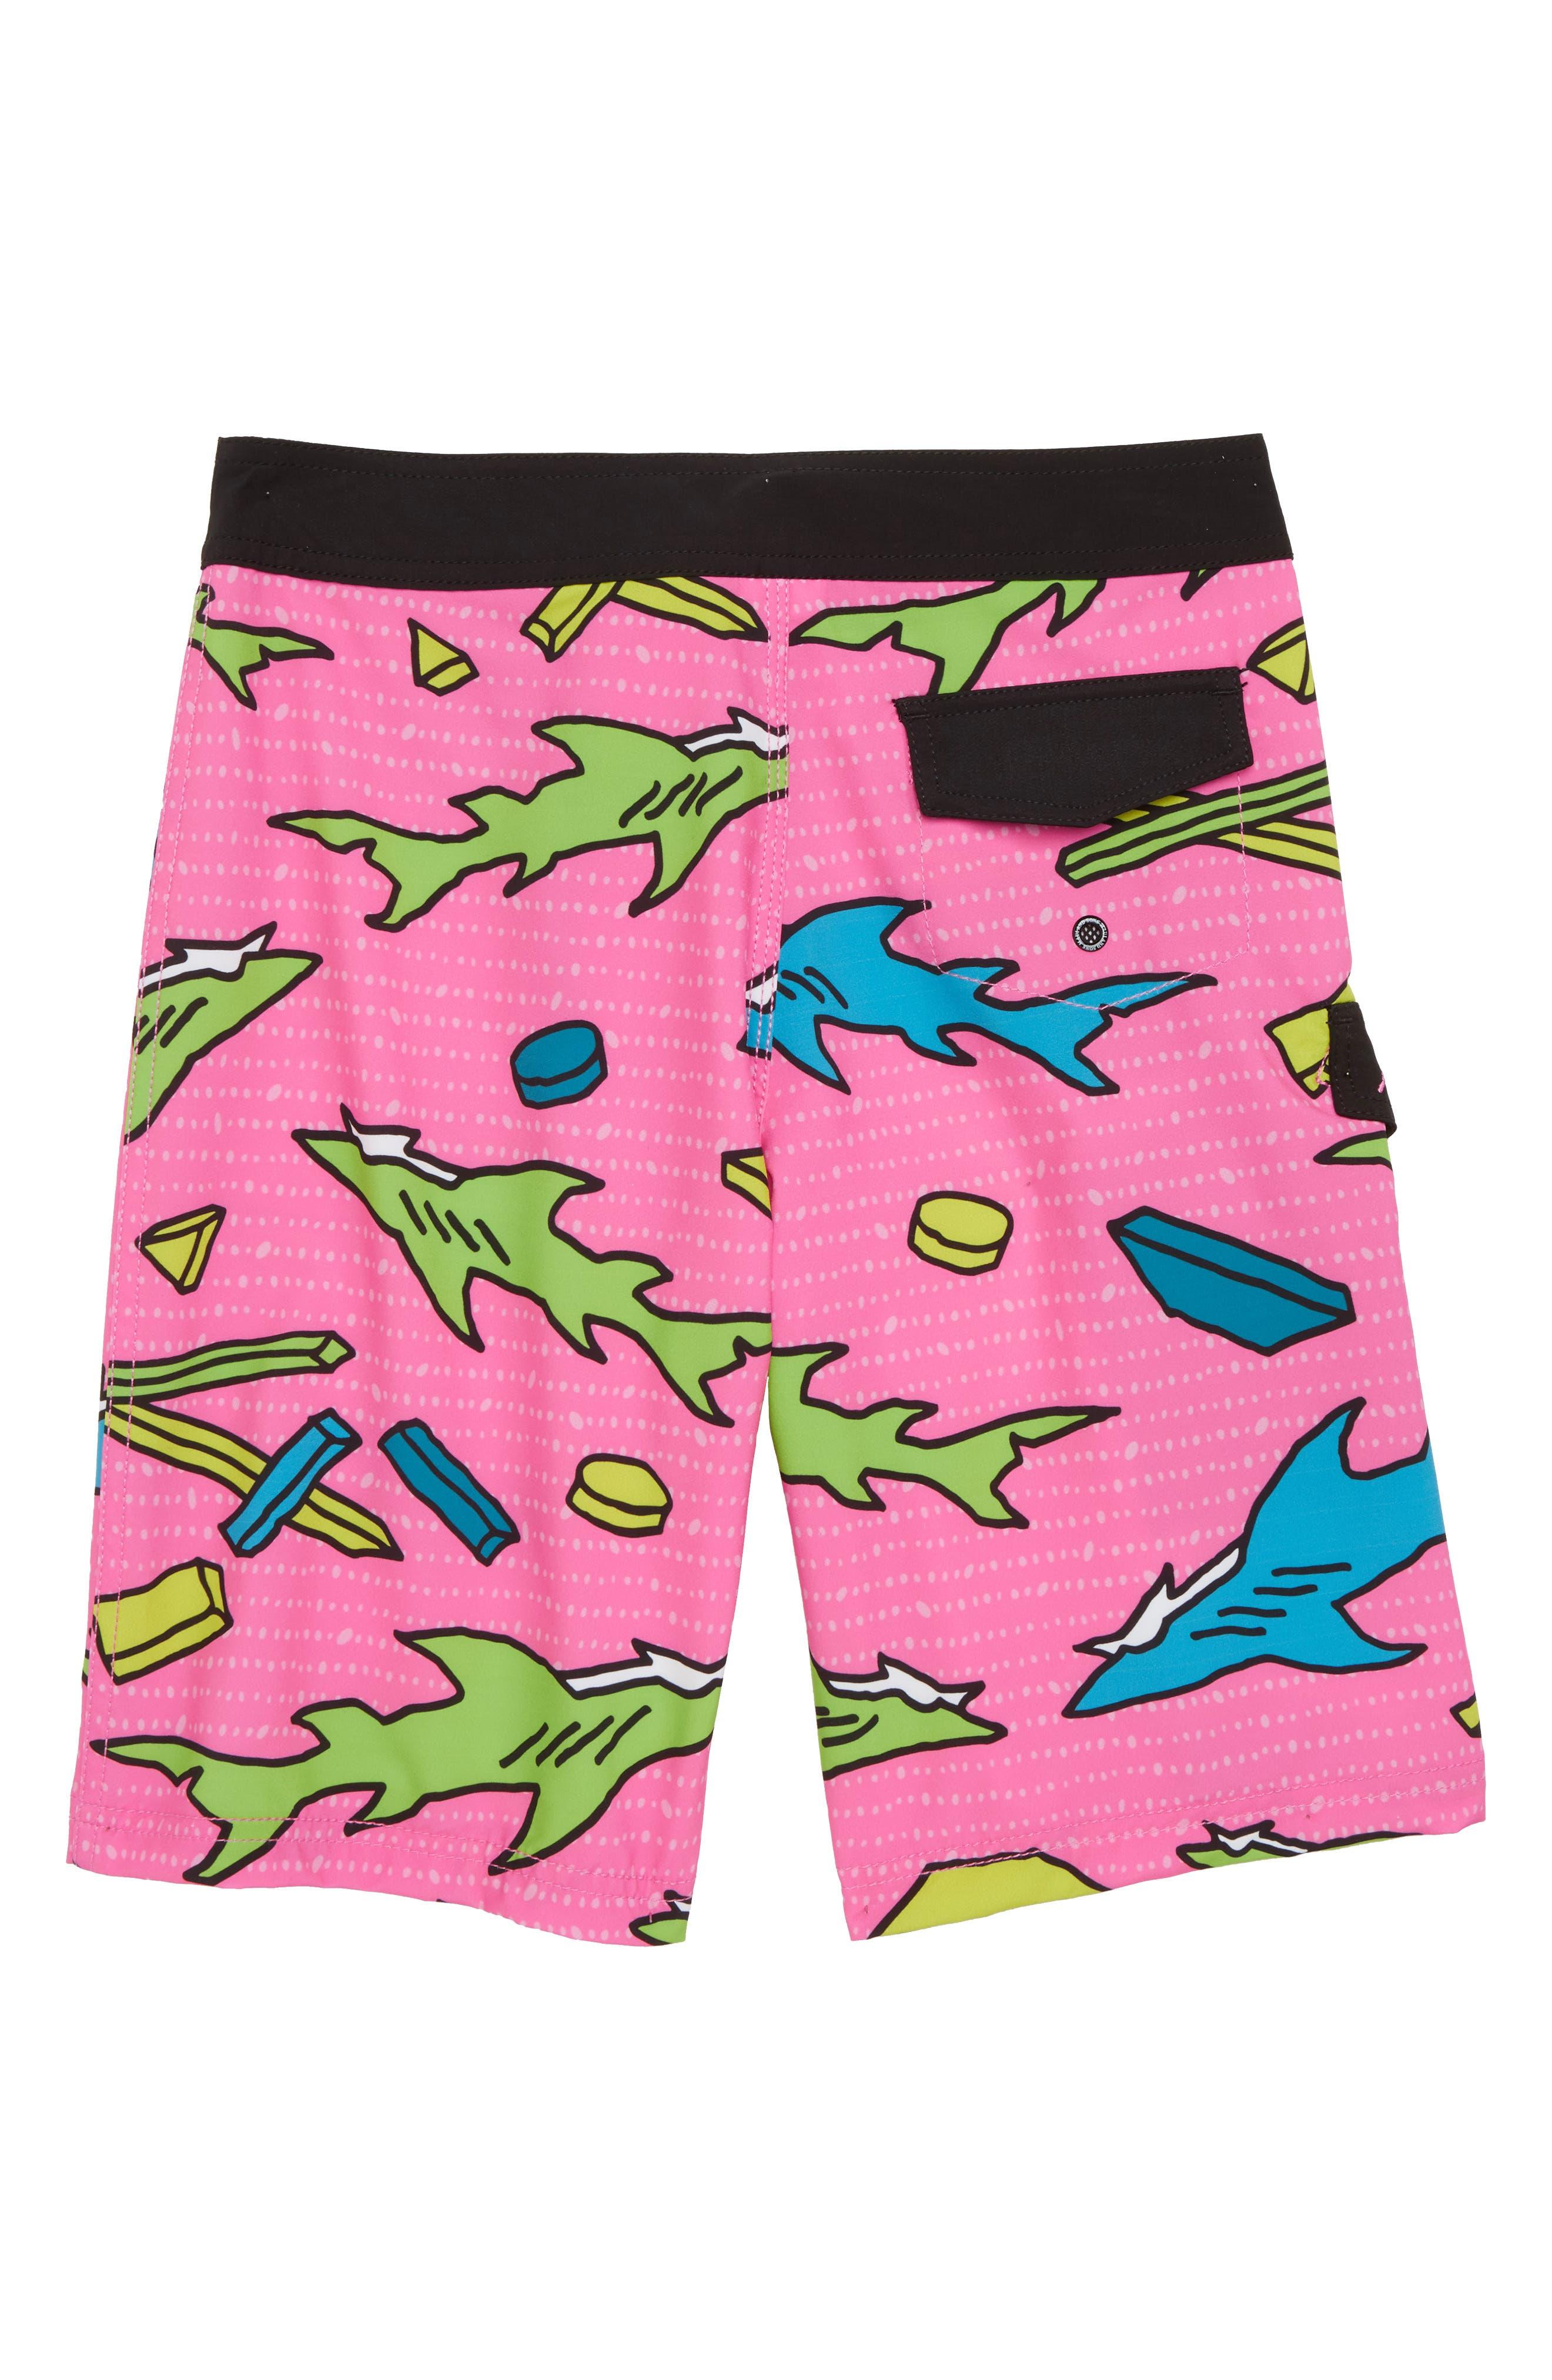 Choppa Print Board Shorts,                             Alternate thumbnail 2, color,                             Pink